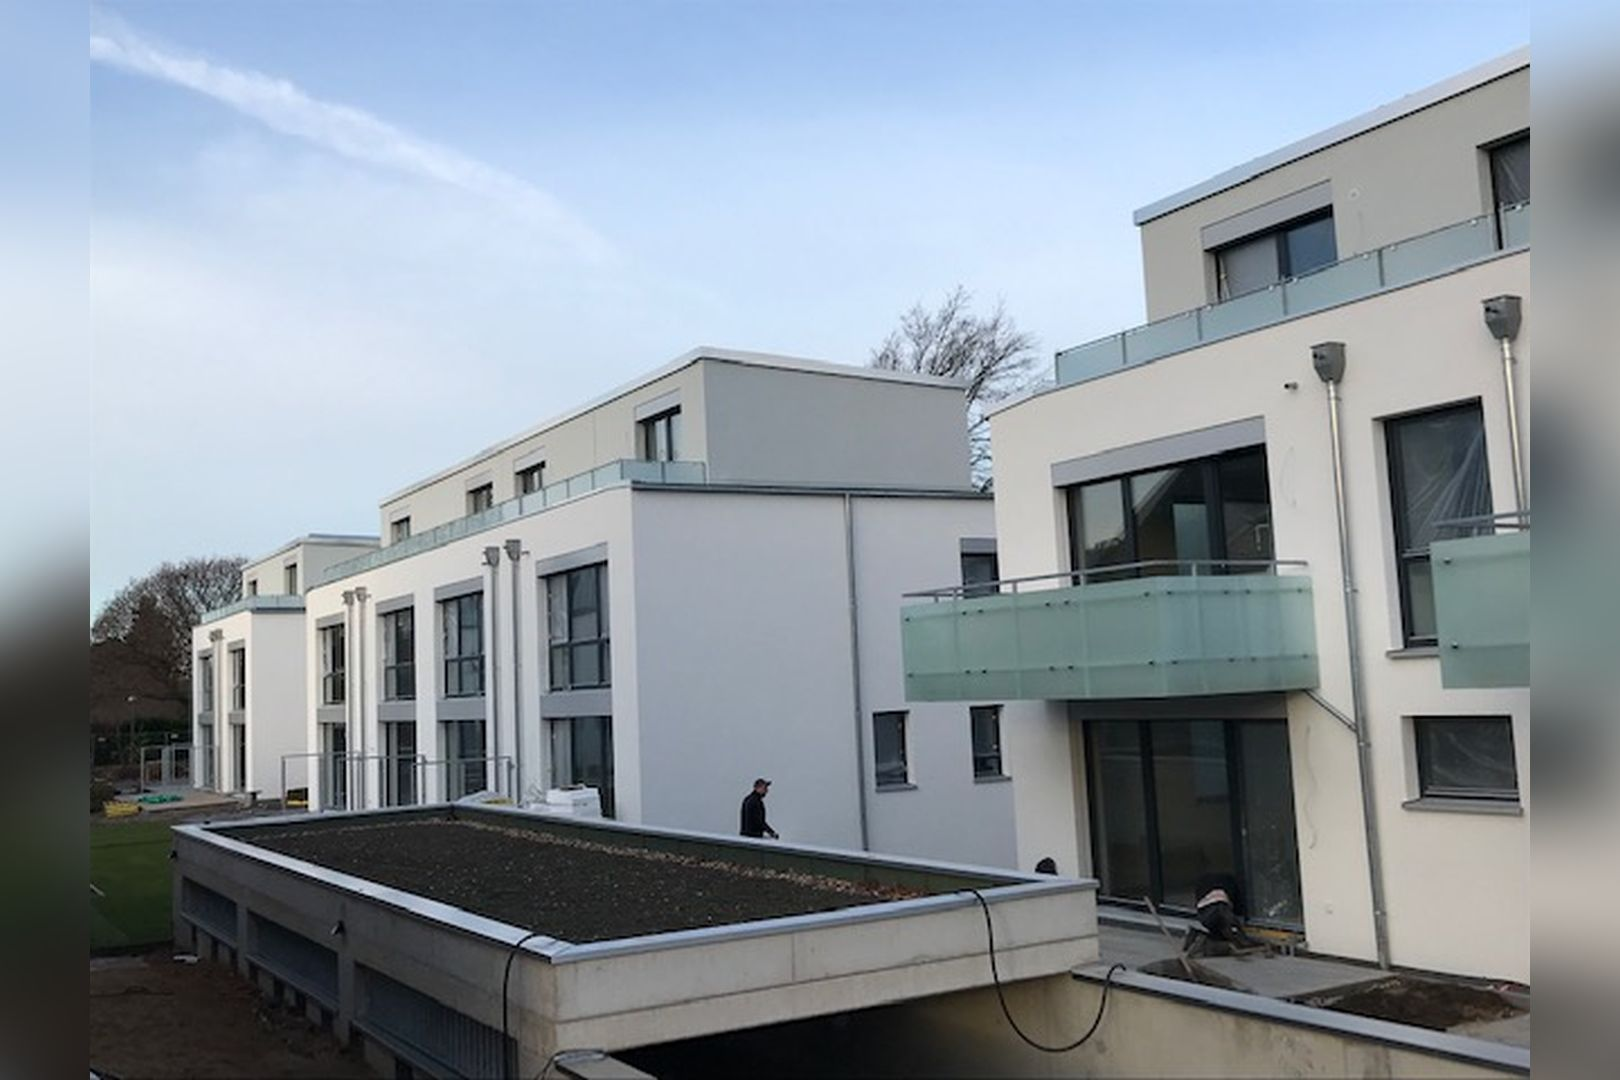 Immobilie Nr.BÖ-01.1 - BÖ-01.1; Maisonette Wohnung über EG und Sout., Garten u. Terrasse - Bild 13.jpg